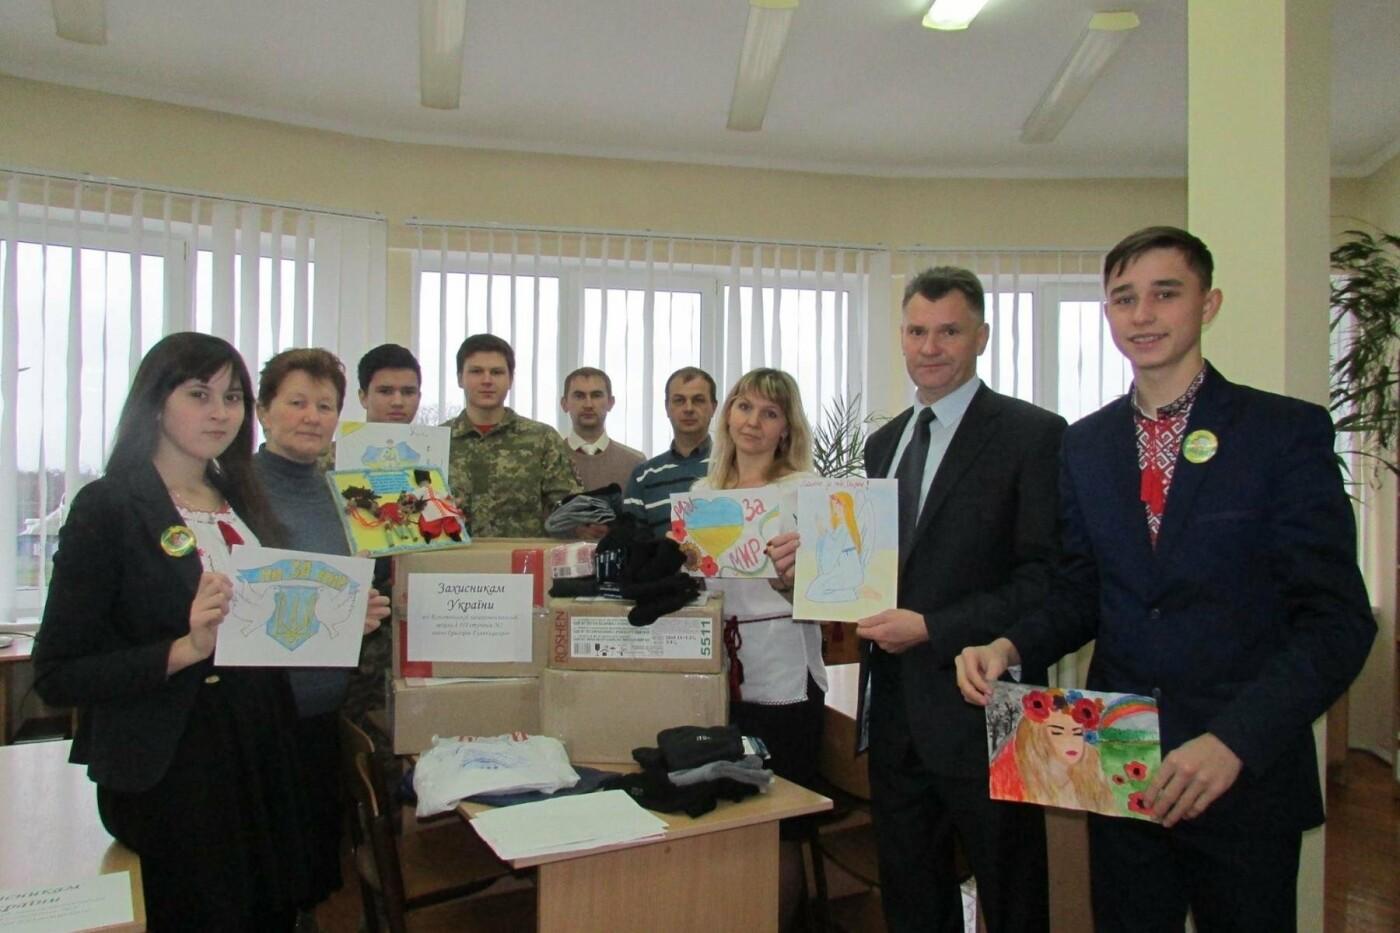 Конотопські школярі передали подарунки на передову, фото-5